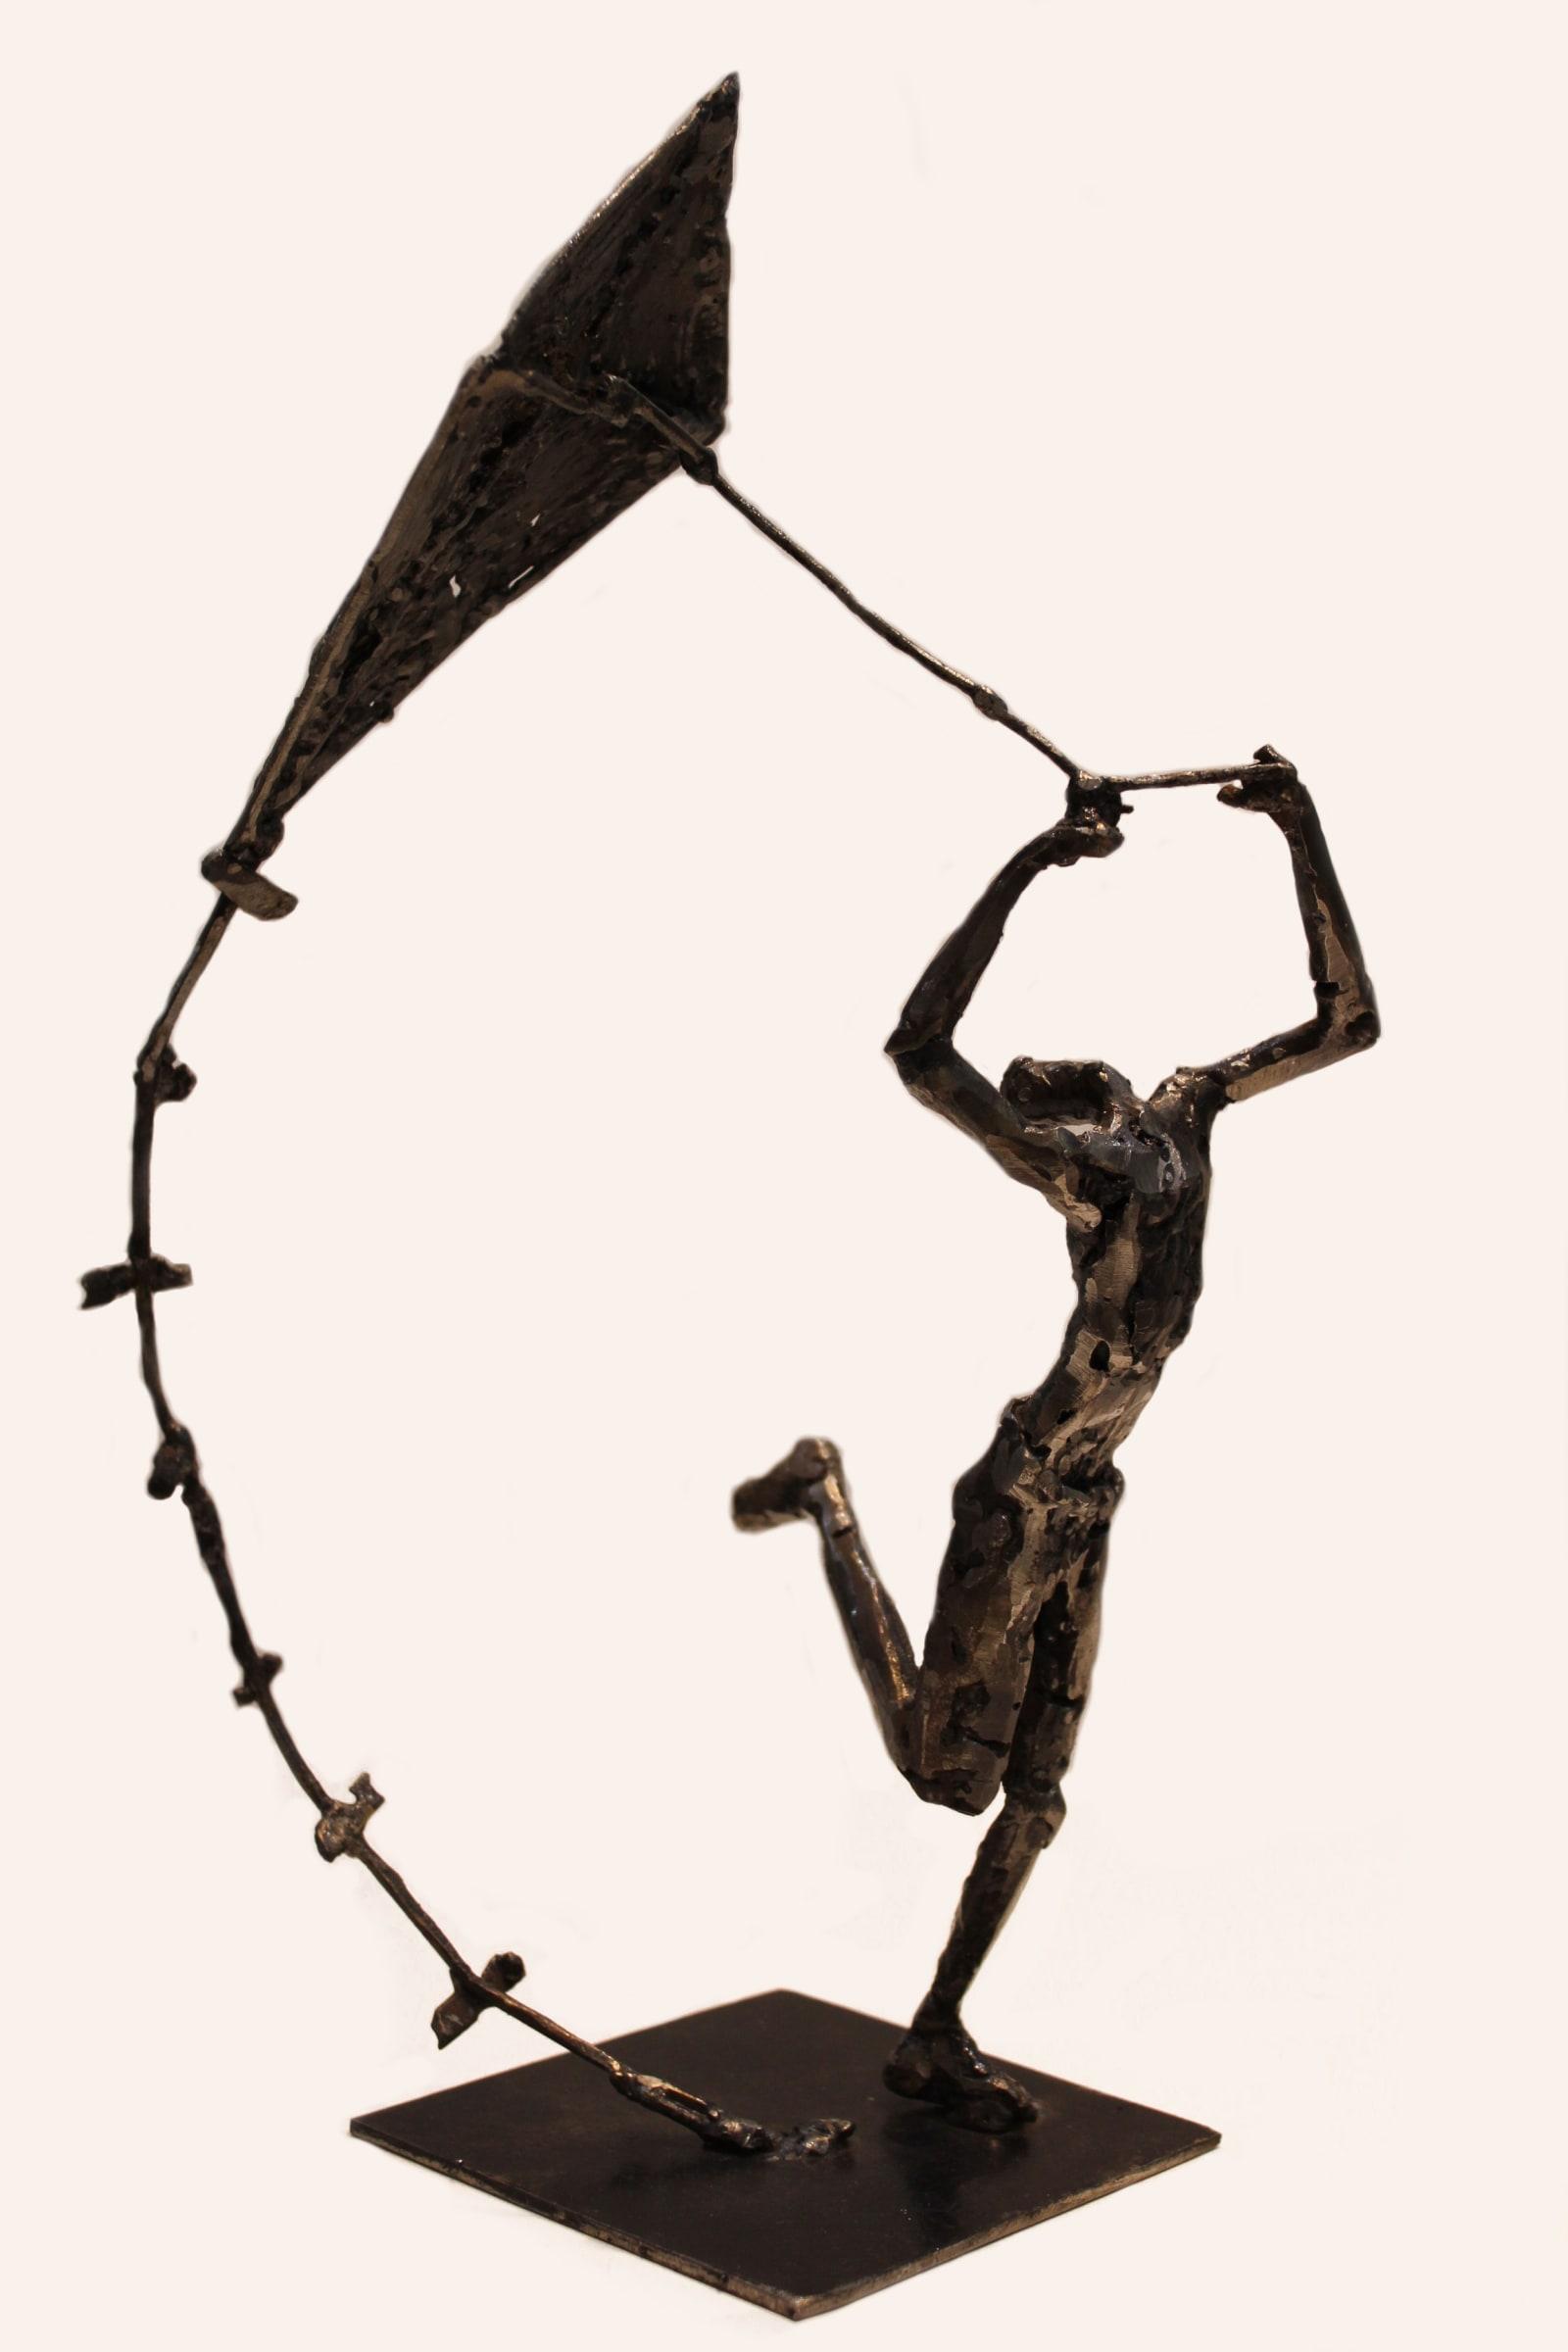 <span class=&#34;link fancybox-details-link&#34;><a href=&#34;/artists/31-gert-potgieter/works/1496-gert-potgieter-kite-runner-2015/&#34;>View Detail Page</a></span><div class=&#34;artist&#34;><strong>Gert Potgieter</strong></div> <div class=&#34;title&#34;><em>Kite Runner</em>, 2015</div> <div class=&#34;medium&#34;>Welded Metal Sculpture</div> <div class=&#34;dimensions&#34;>15cm x 35cm x 15cm</div>